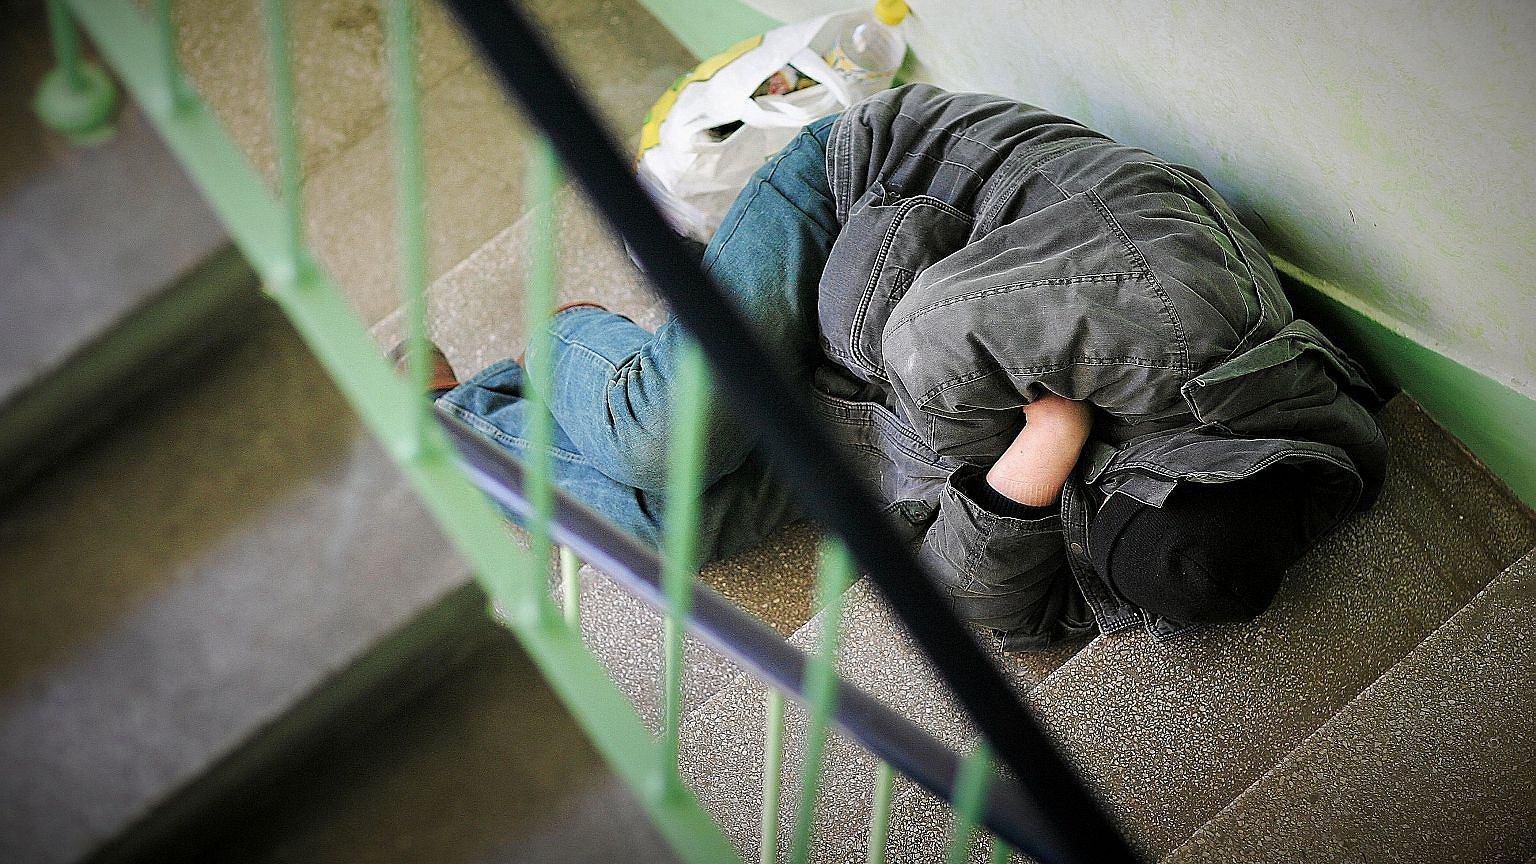 Bezdomny śpiący na klatce schodowej